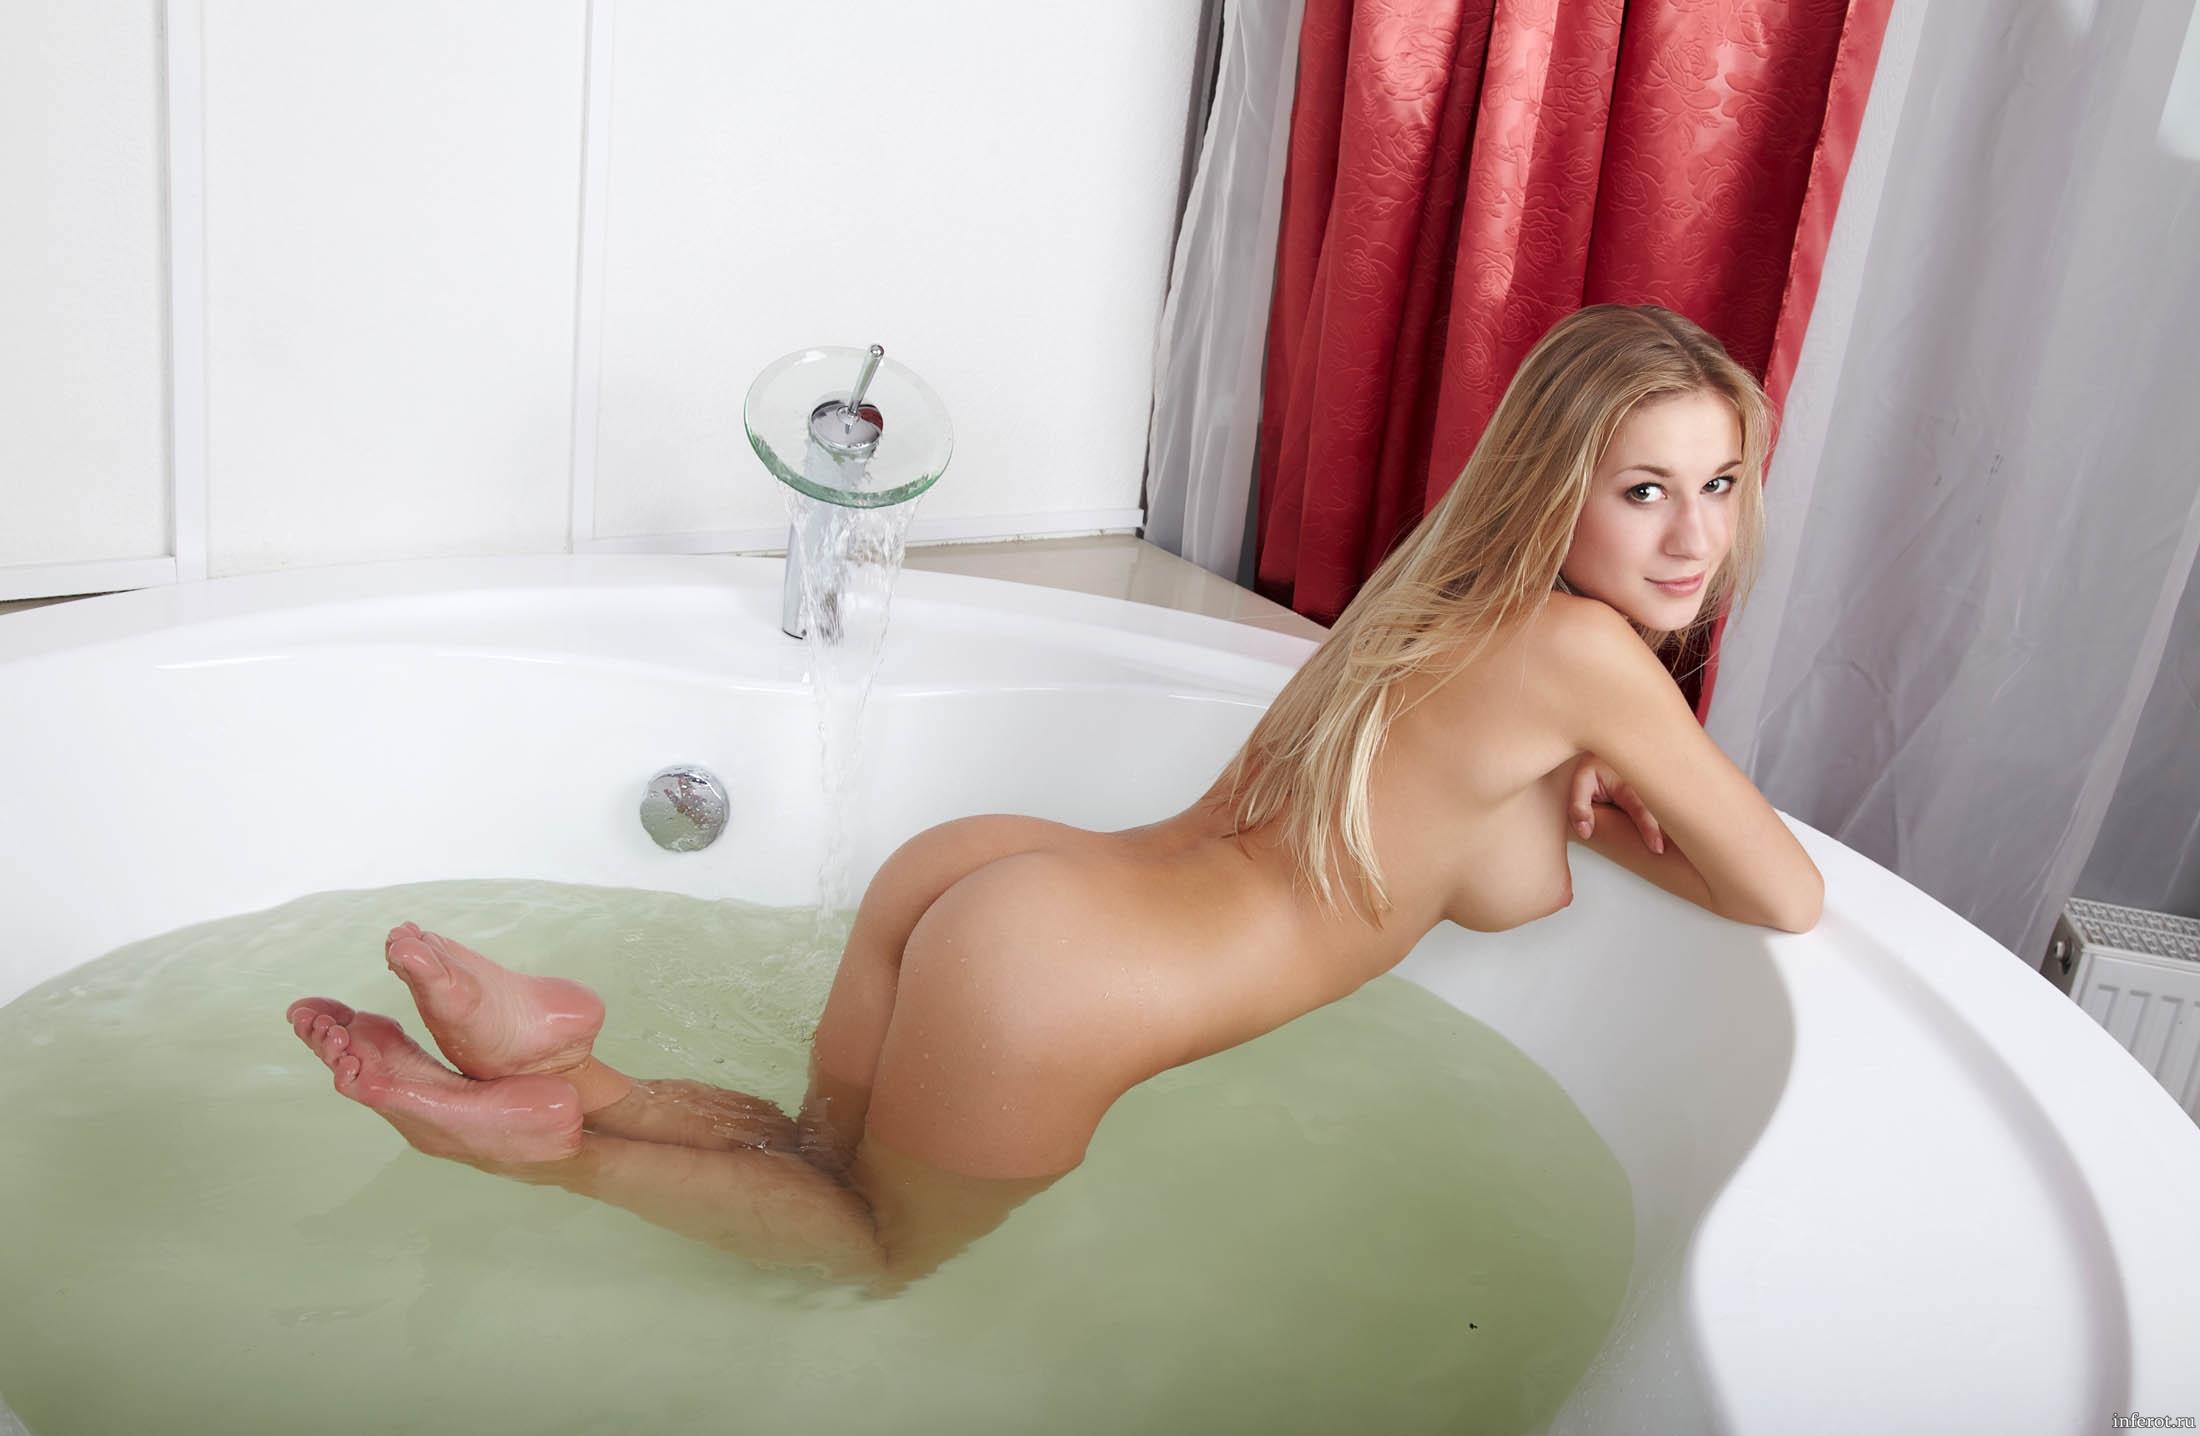 eroticheskie-fotografii-devushek-v-vannoy